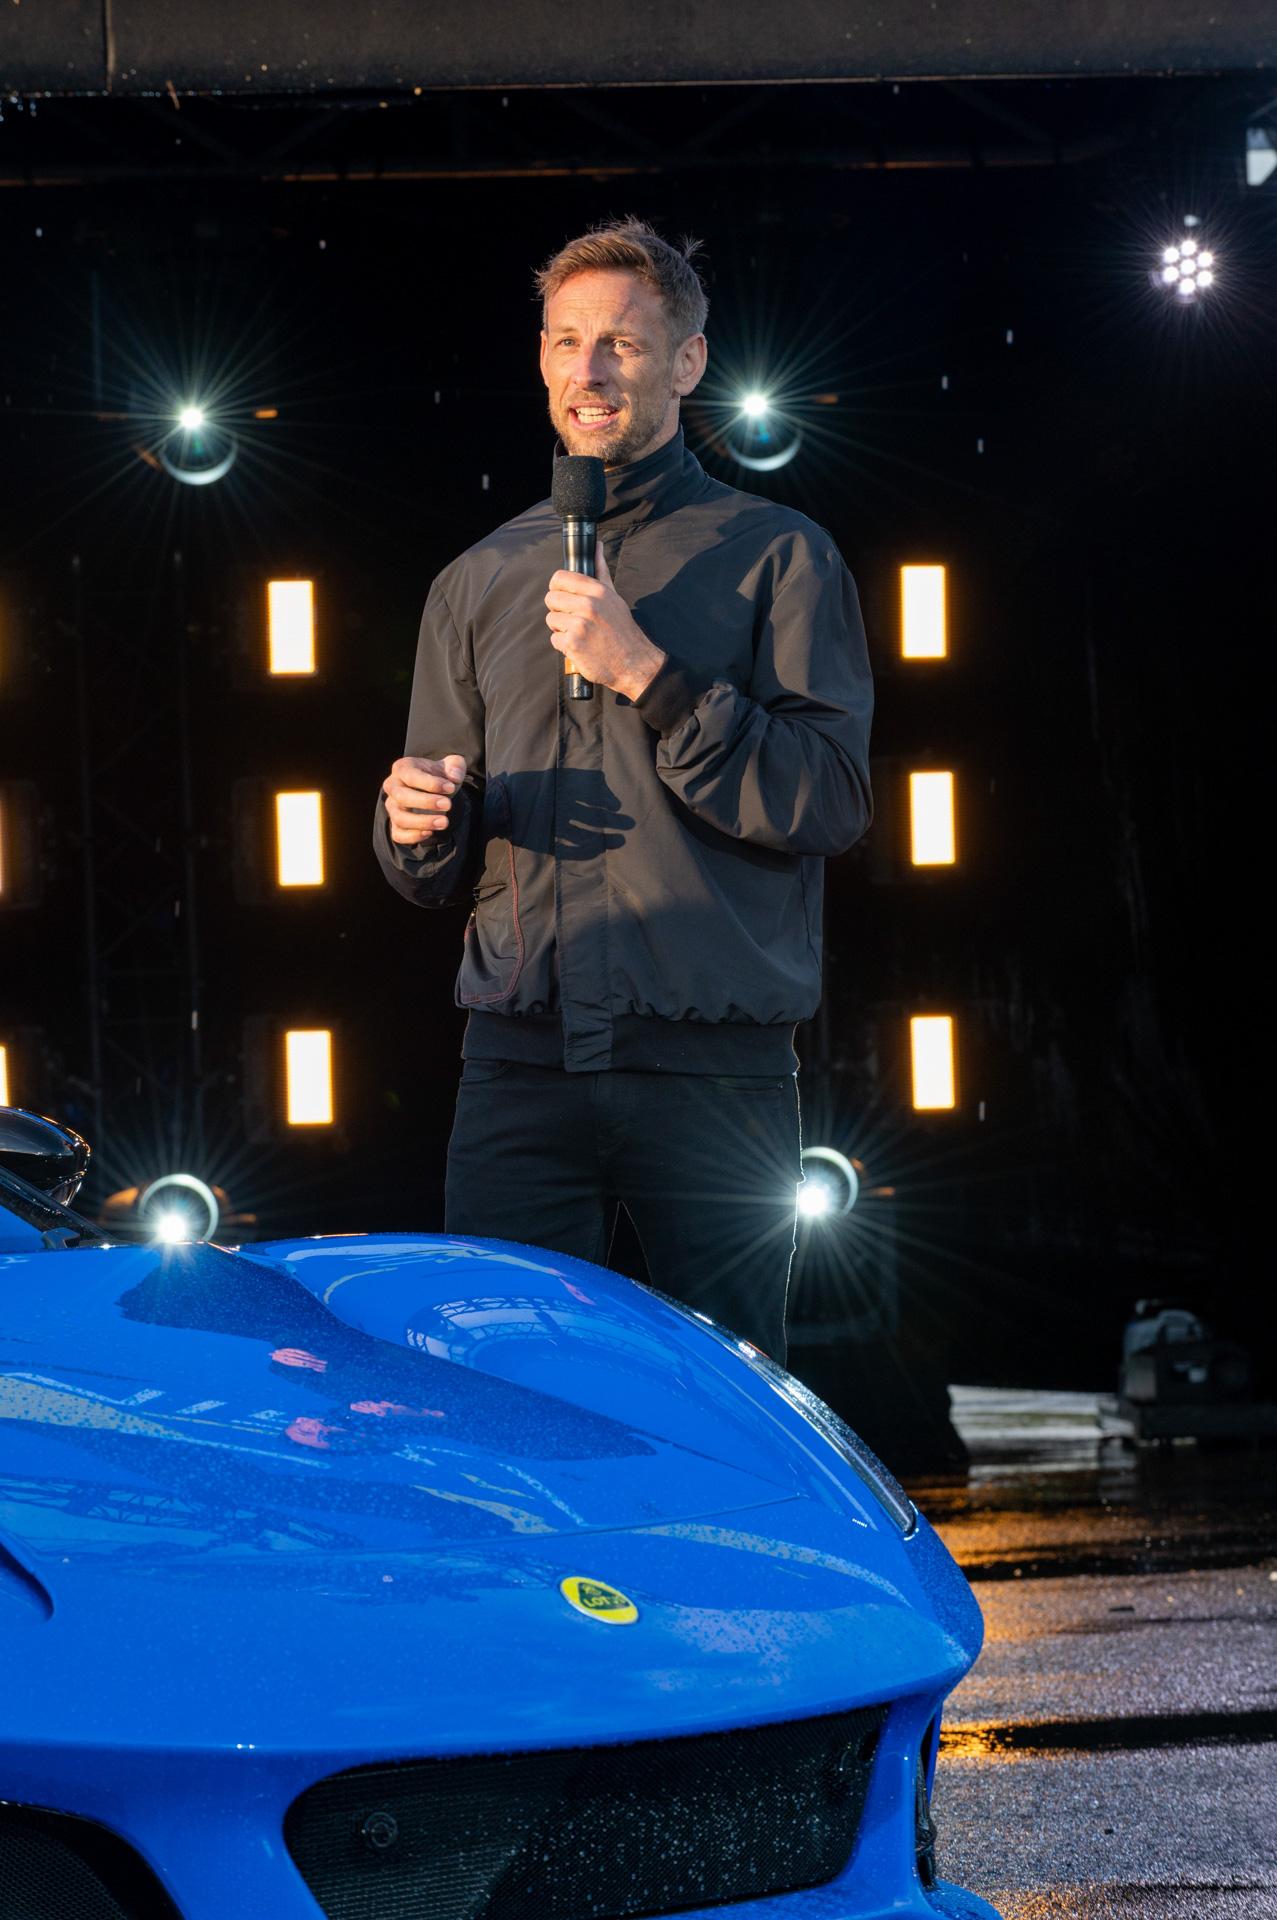 イベントの特別ゲストとして、元F1世界チャンピオン ジェンソン・バトン氏が登場